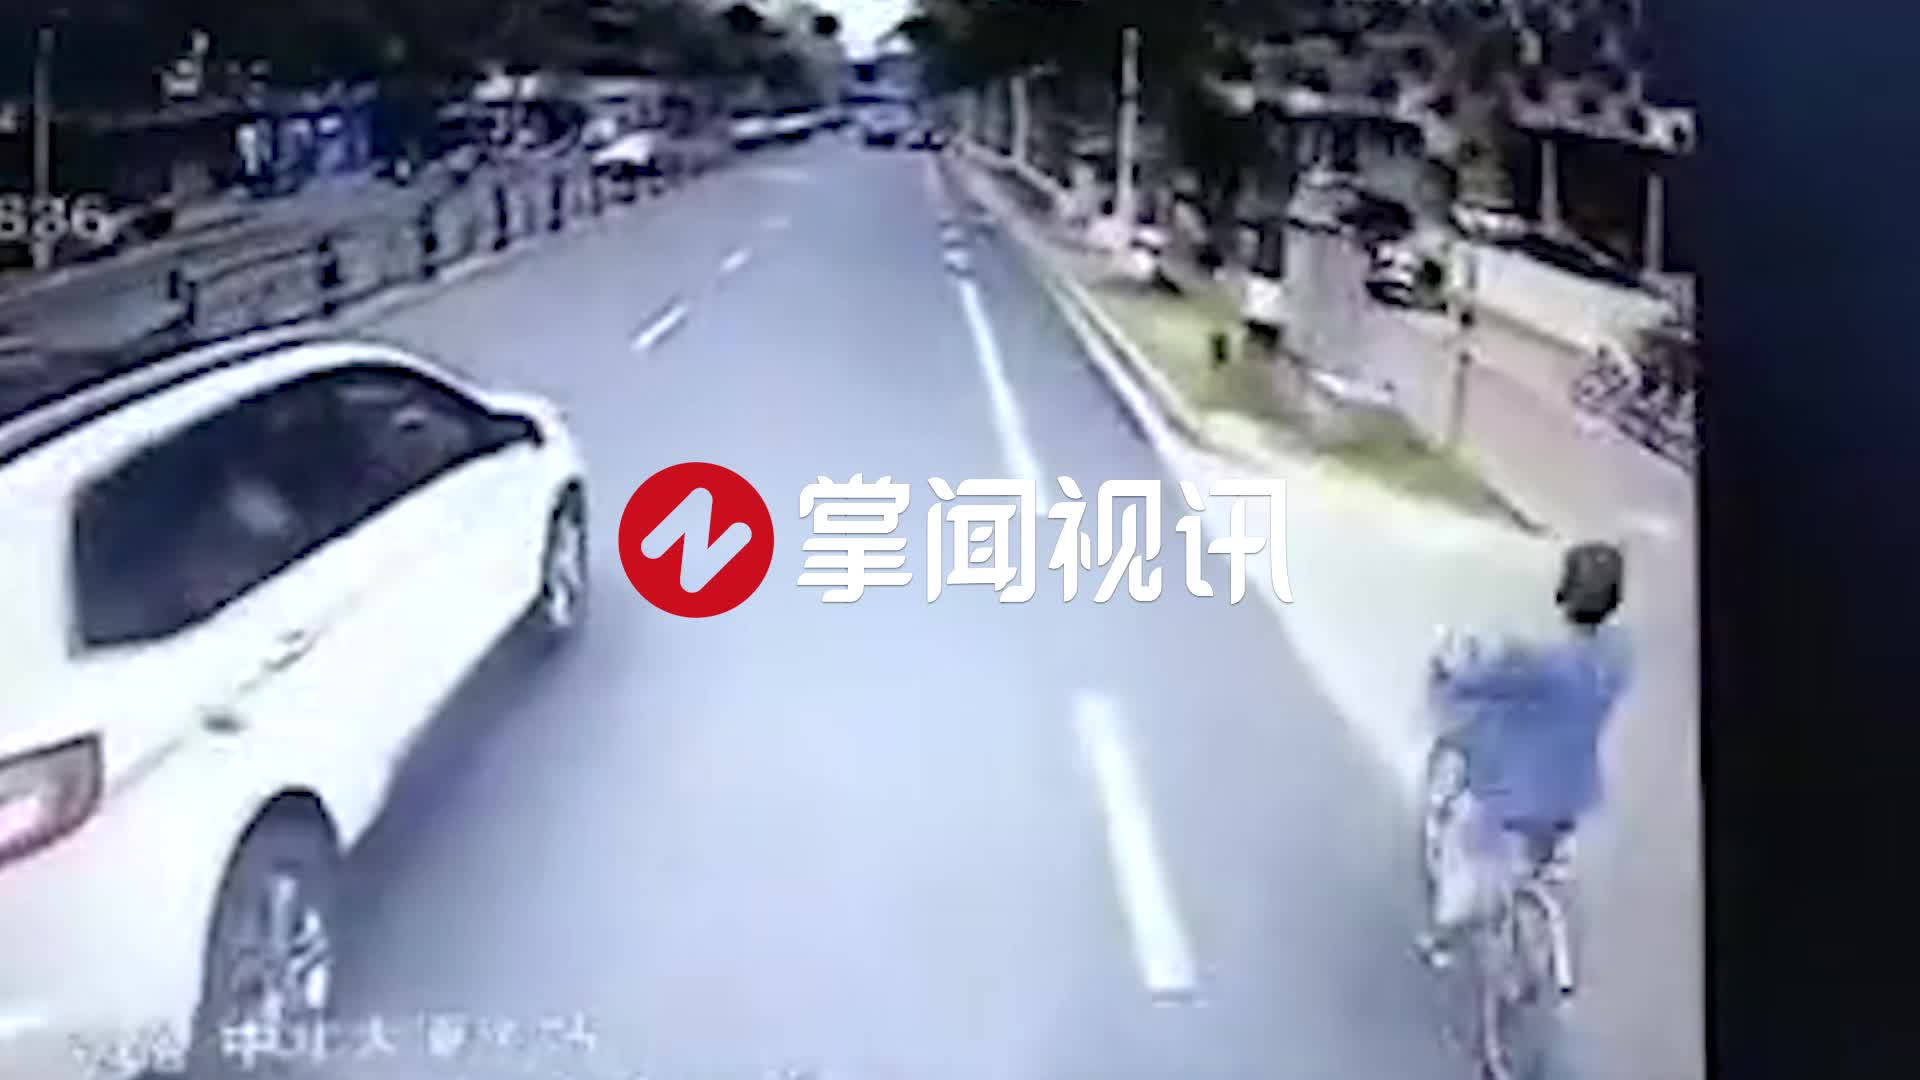 越野车街头疯狂别车!公交车急避让冲上绿化带撞倒树剐翻人